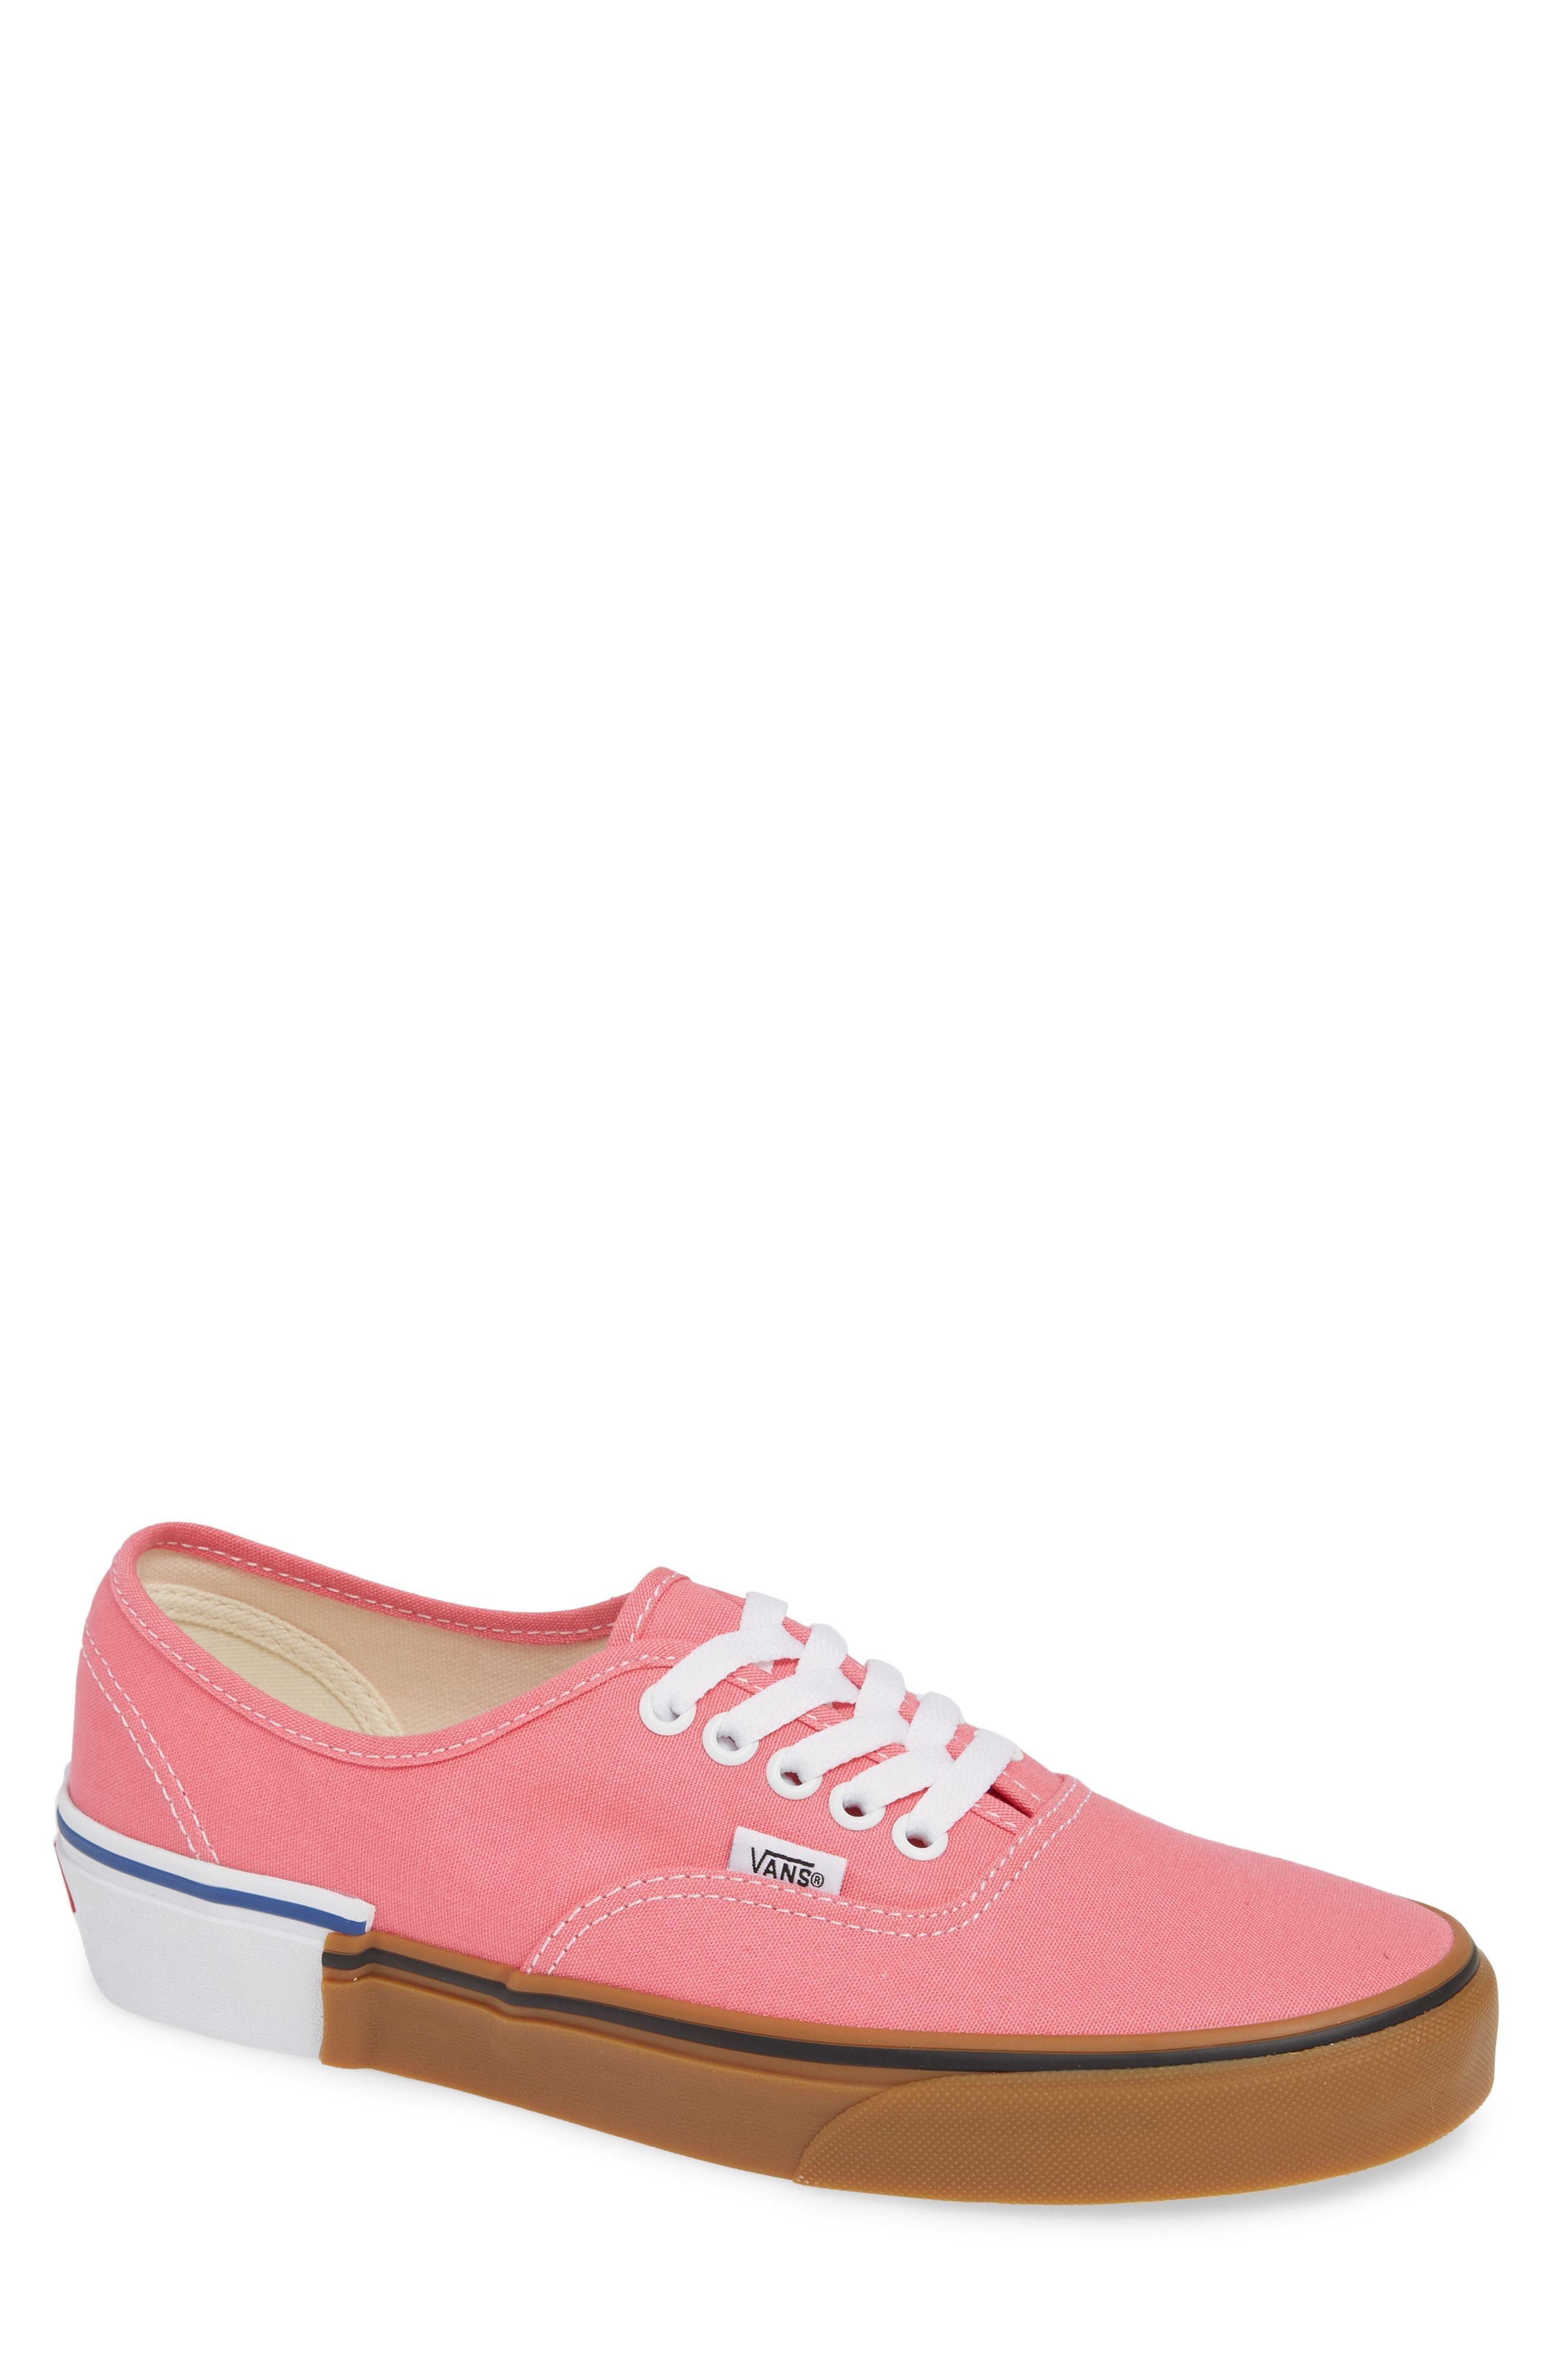 ... Vans Authentic Gum Block Sneaker aa7433e73